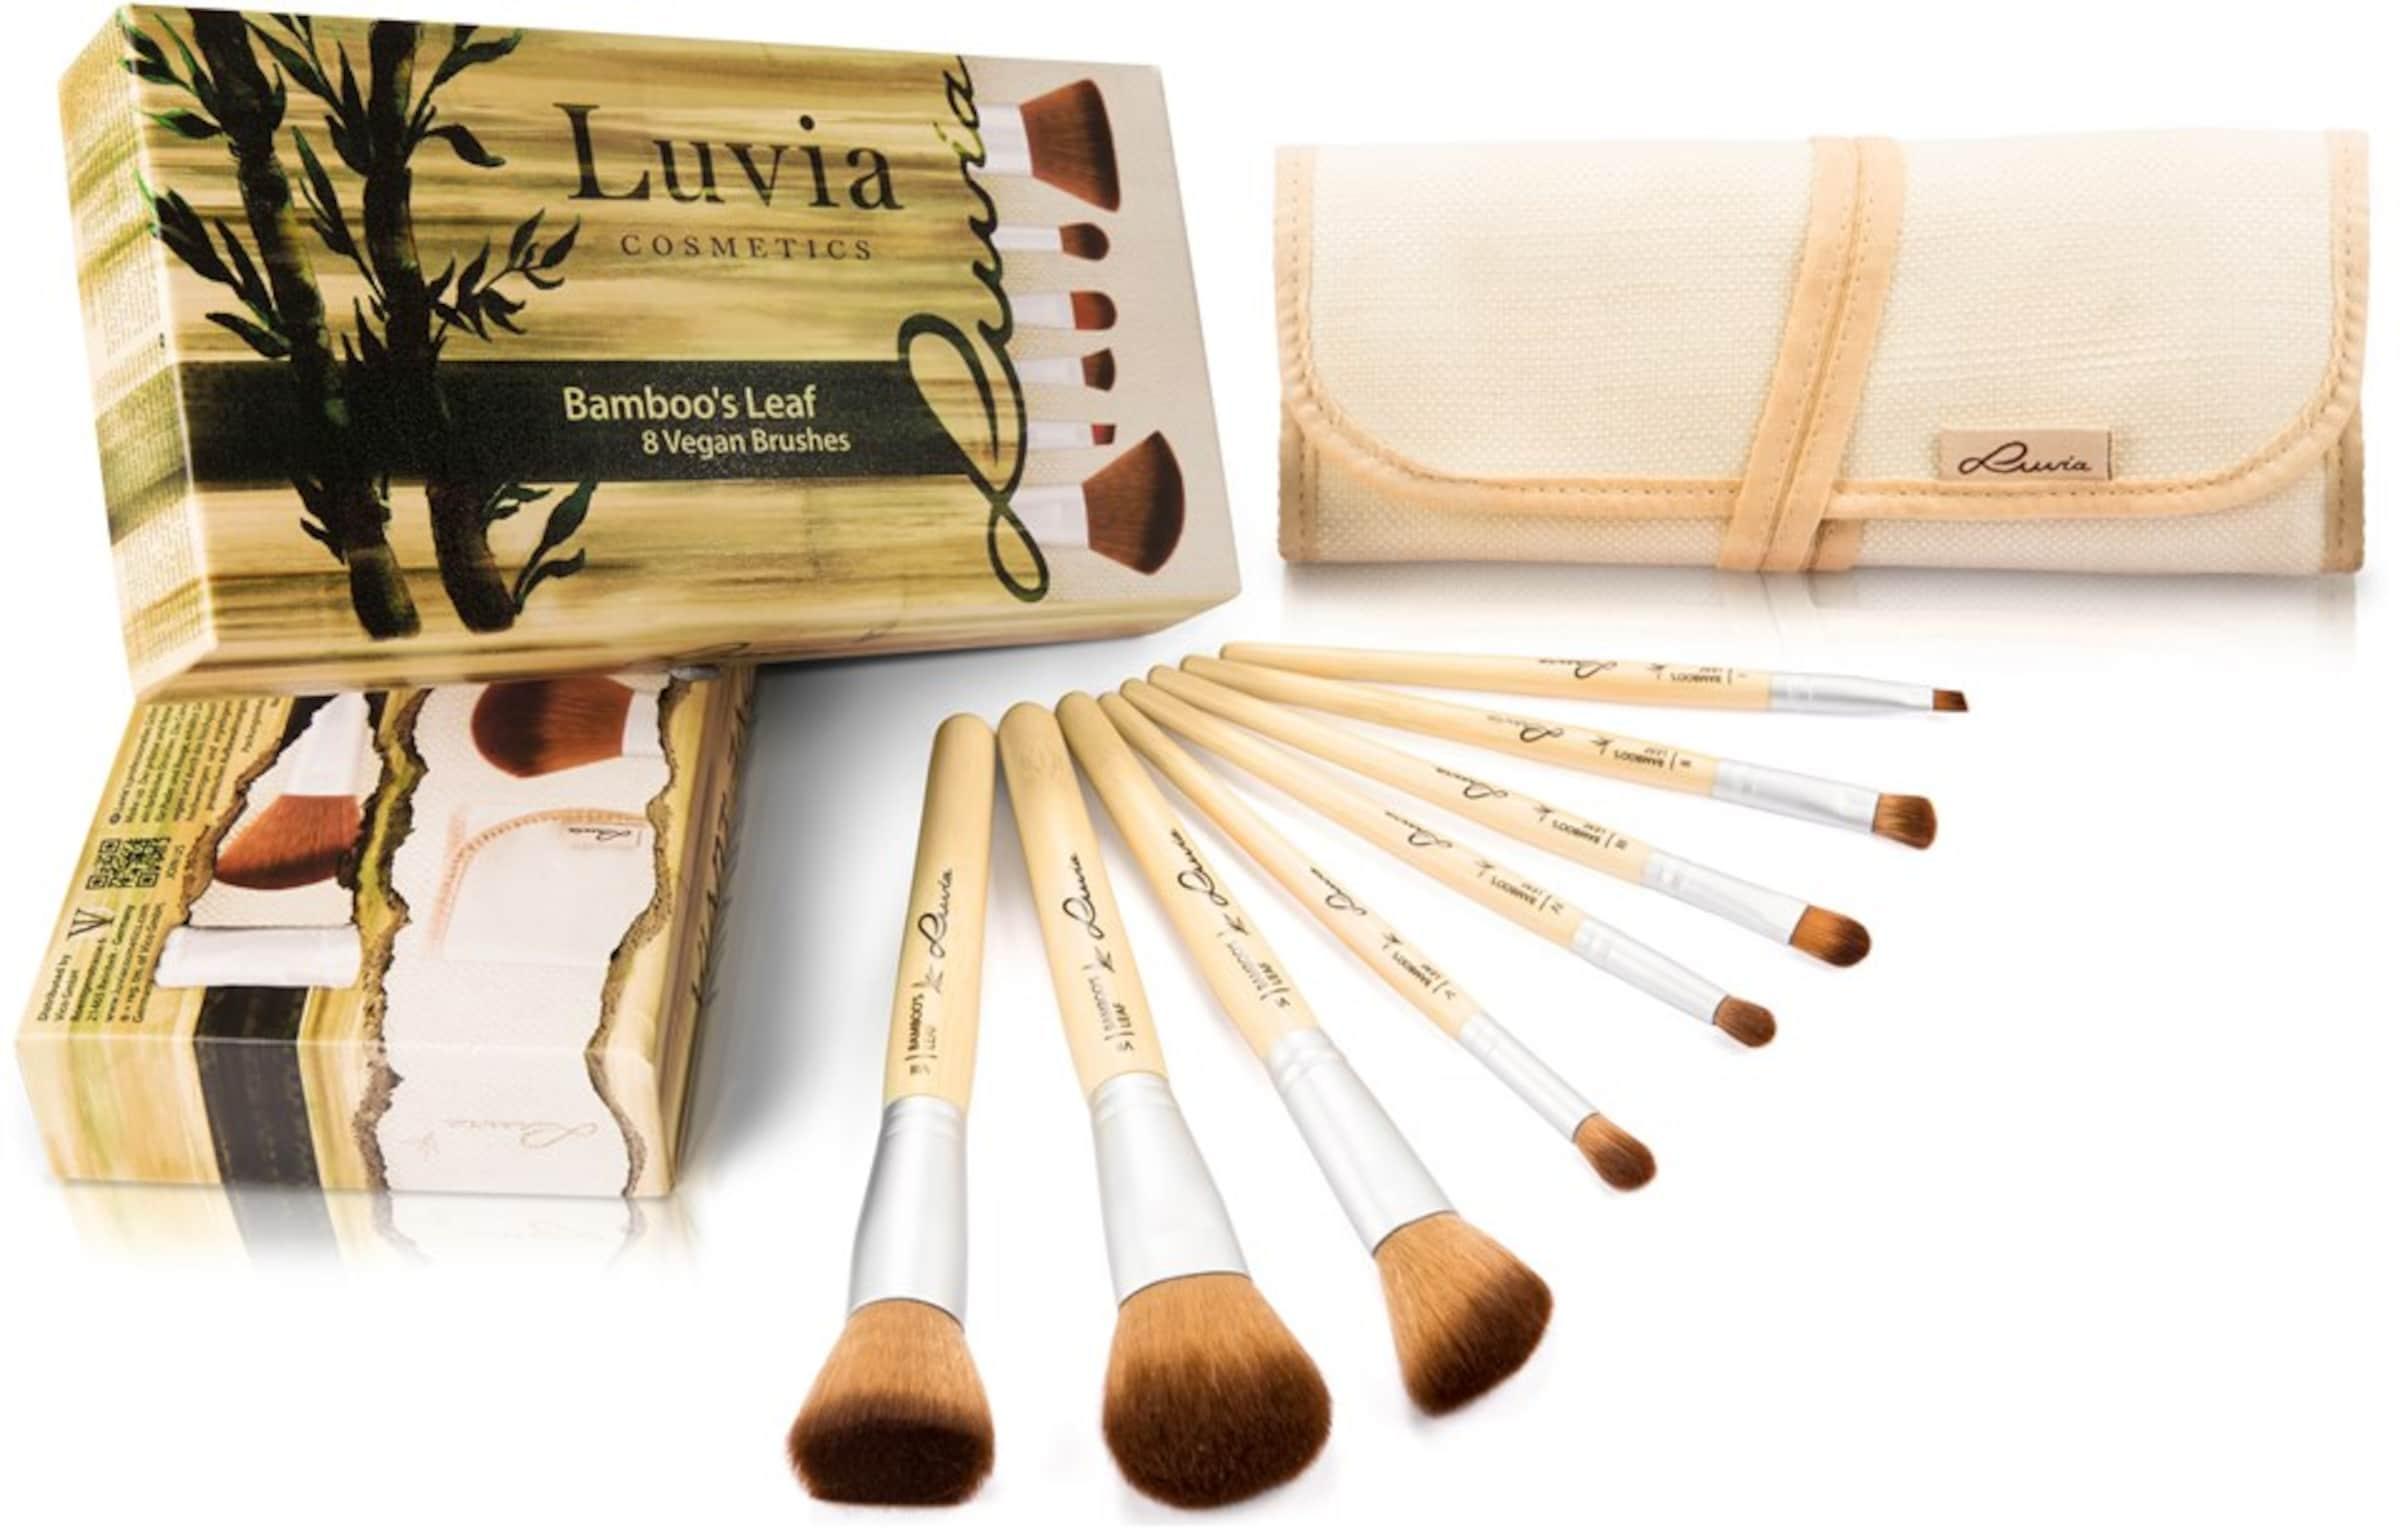 Leaf' 8 'Bamboo's Luvia Kosmetikpinsel Pinseln Aufbewahrungstasche Cosmetics Veganes mit Set und 0xBqwp